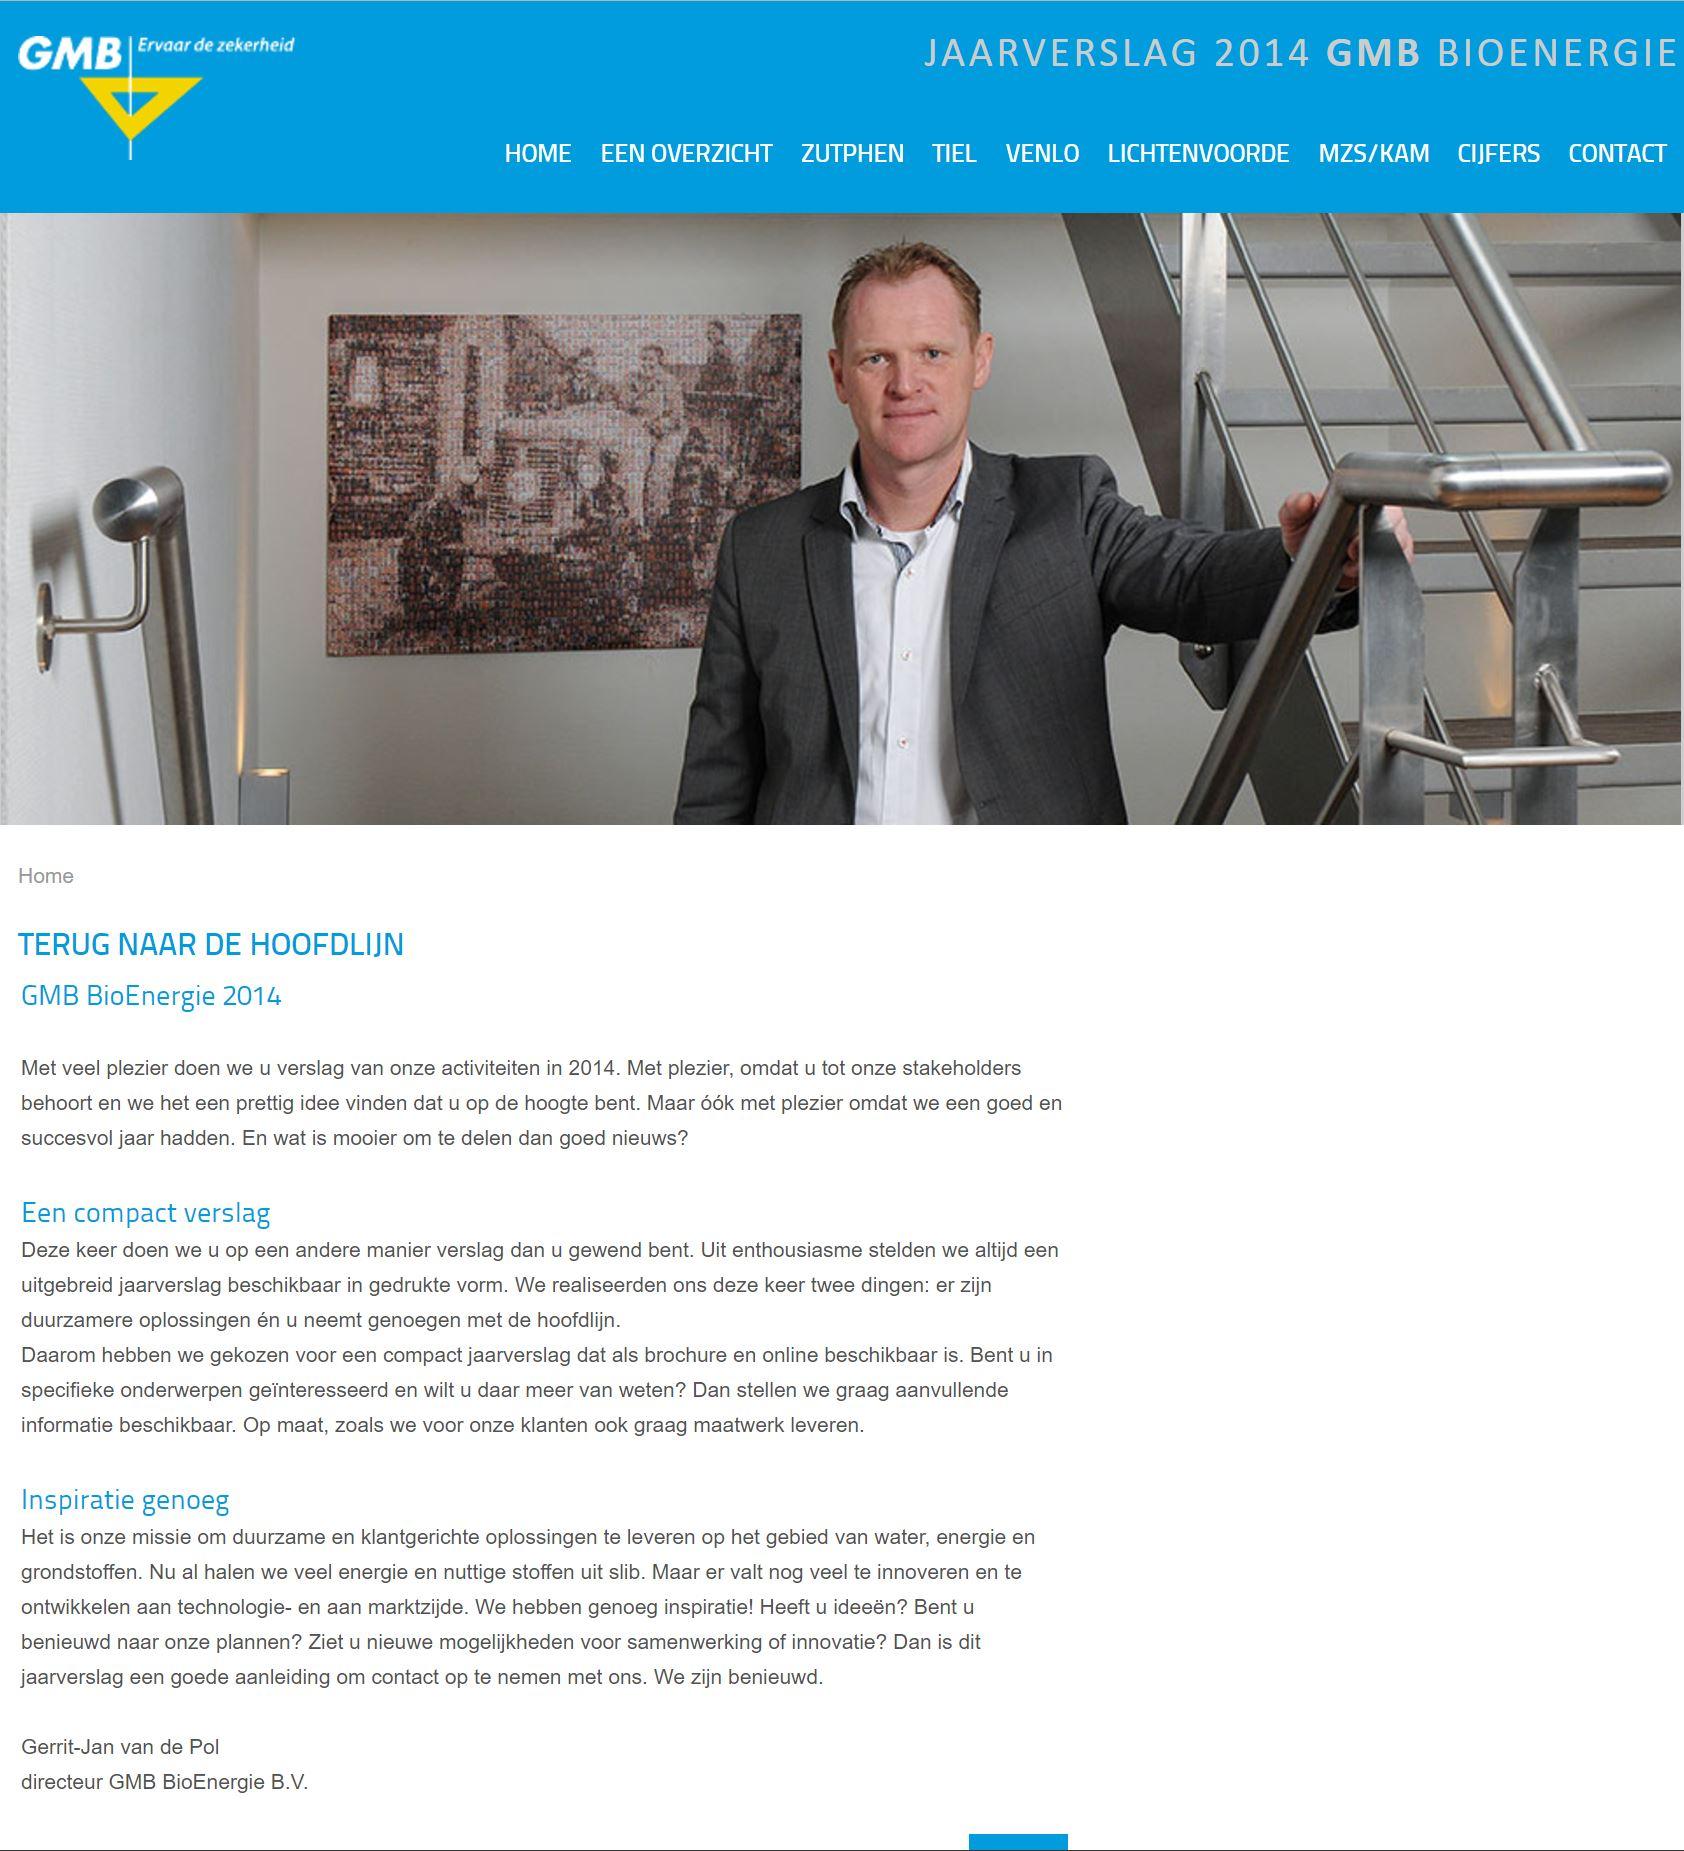 Jaarverslag BioEnergie 2014